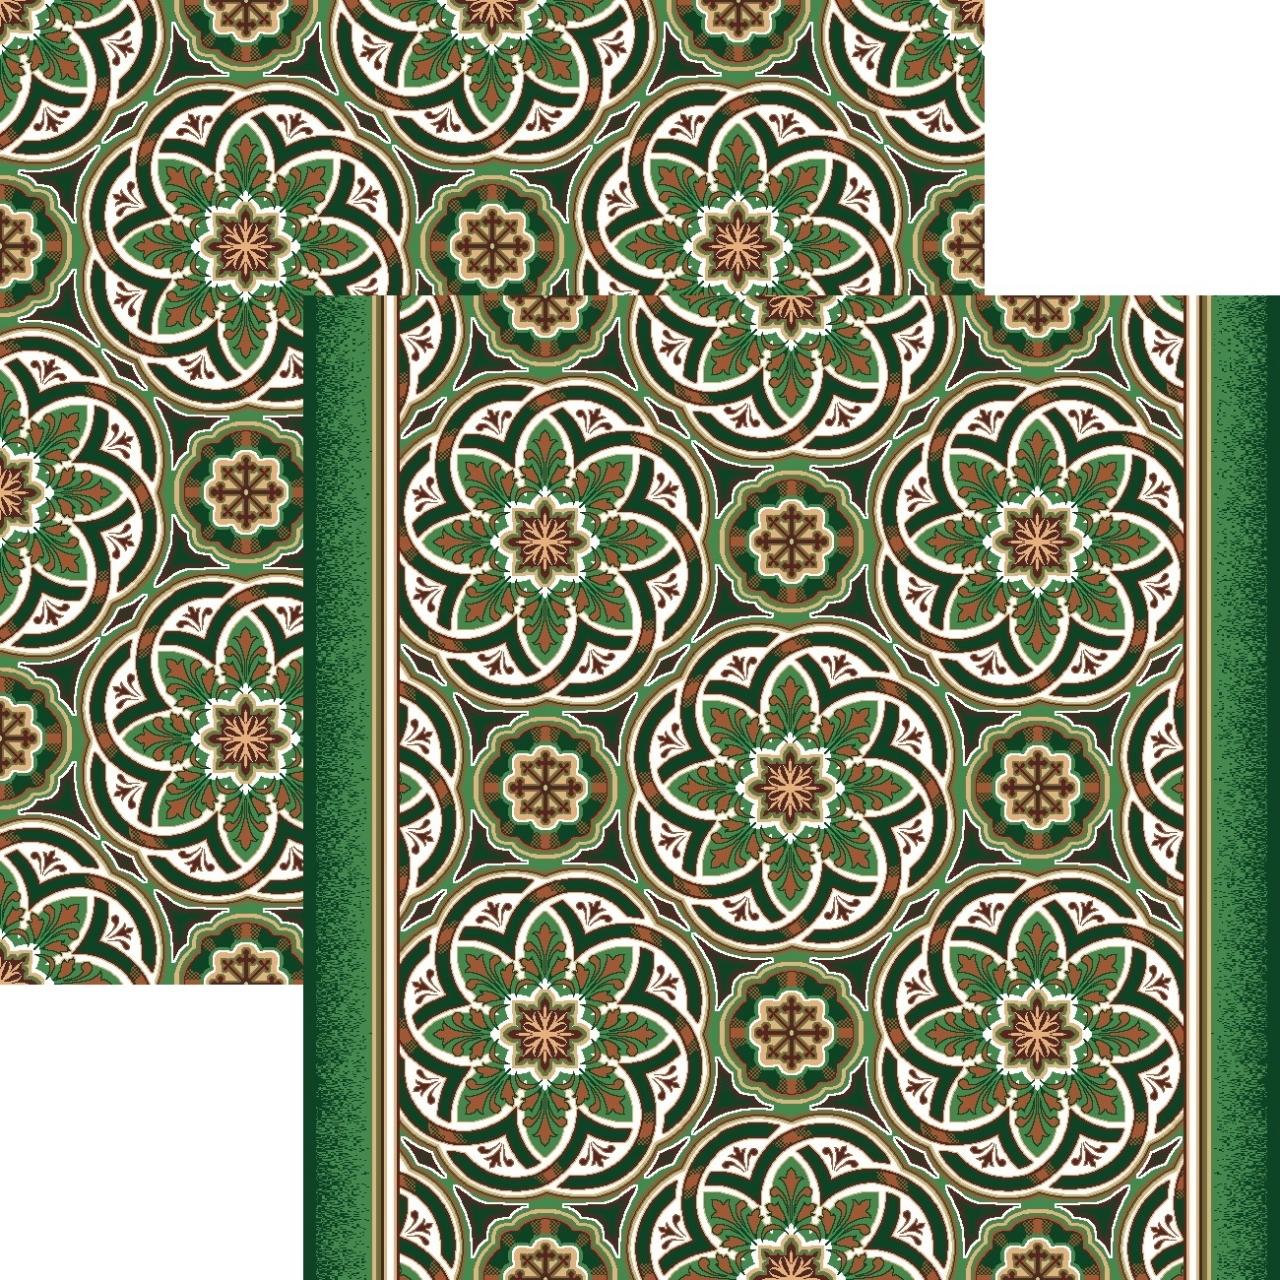 Ковровая дорожка p1507a4p - 36 - коллекция принт 8-ми цветное полотно - фото 1